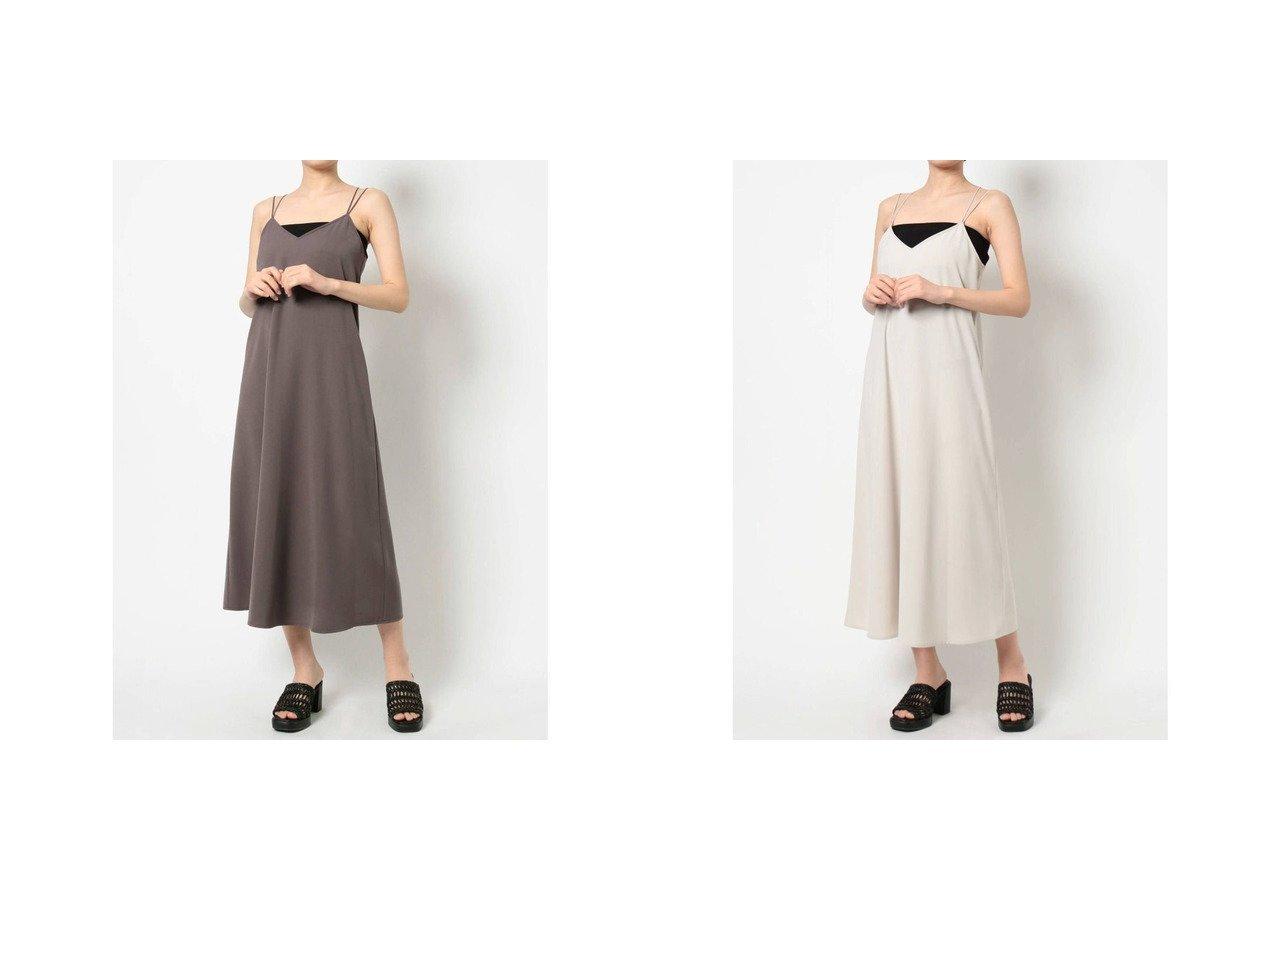 【MURUA/ムルーア】のMURUA バッククロスキャミワンピース おすすめ!人気トレンド・レディースファッション通販 おすすめで人気の流行・トレンド、ファッションの通販商品 インテリア・家具・メンズファッション・キッズファッション・レディースファッション・服の通販 founy(ファニー) https://founy.com/ ファッション Fashion レディースファッション WOMEN ワンピース Dress キャミワンピース No Sleeve Dresses 2021年 2021 2021-2022秋冬・A/W AW・Autumn/Winter・FW・Fall-Winter・2021-2022 A/W・秋冬 AW・Autumn/Winter・FW・Fall-Winter おすすめ Recommend キャミワンピース シンプル タンク リゾート 夏 Summer |ID:crp329100000054550